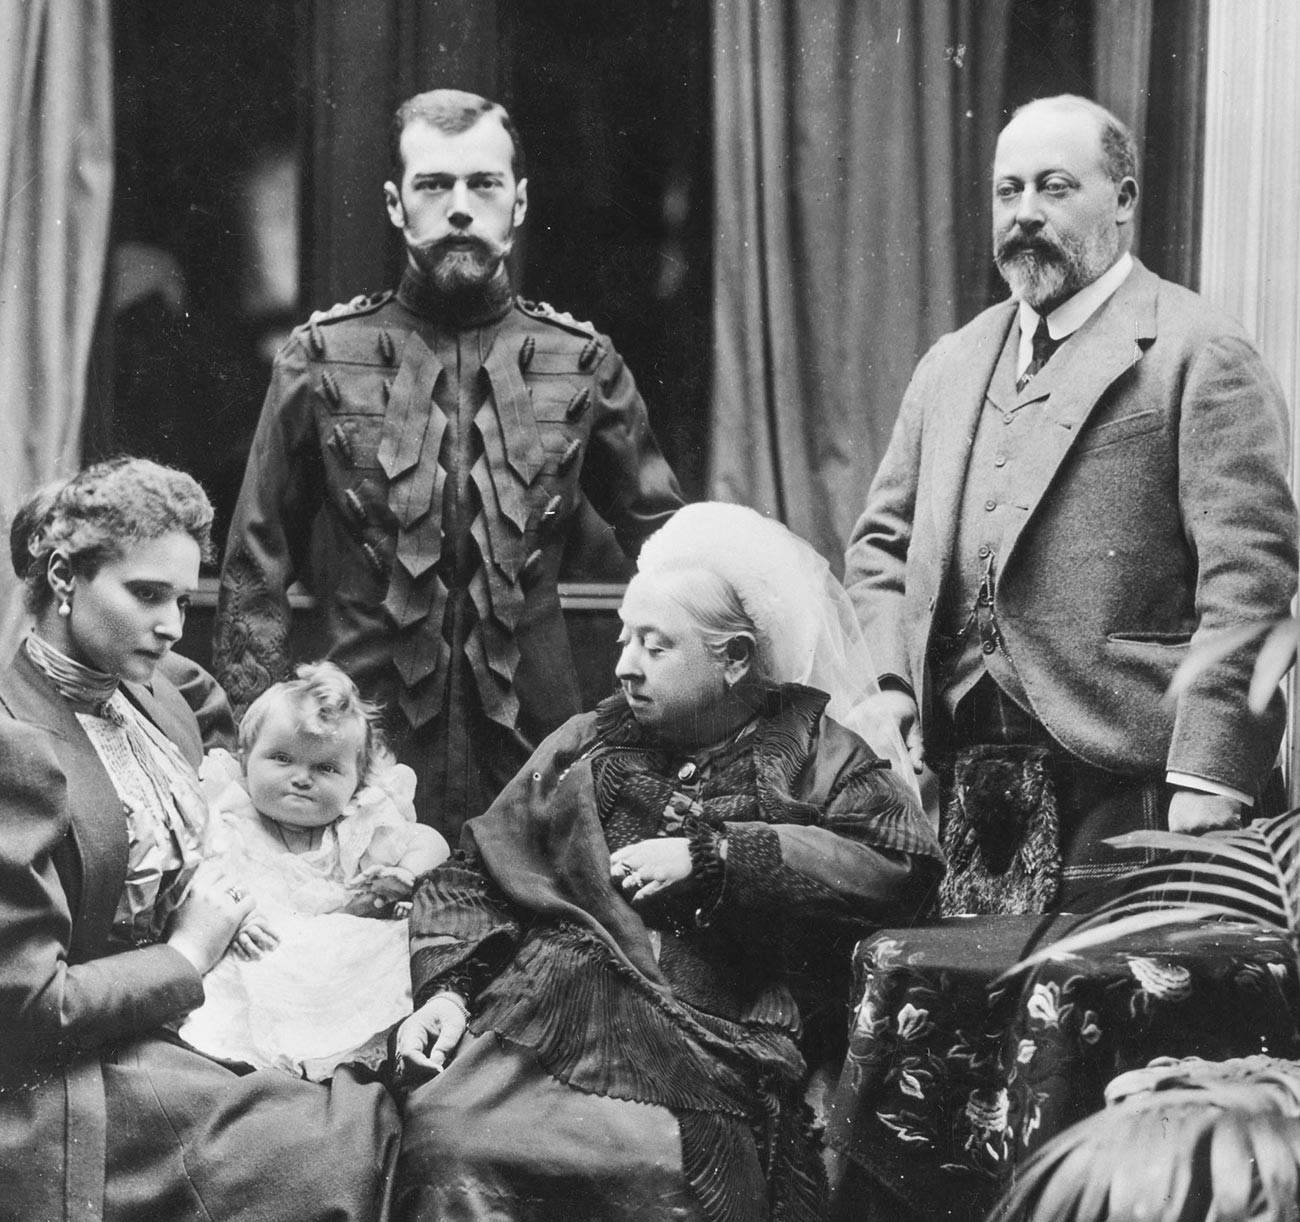 La regina Vittoria e suo figlio, il principe Edoardo VII (a destra), con l'imperatore russo Nicola II, sua moglie Aleksandra e la loro figlia appena nata, Olg